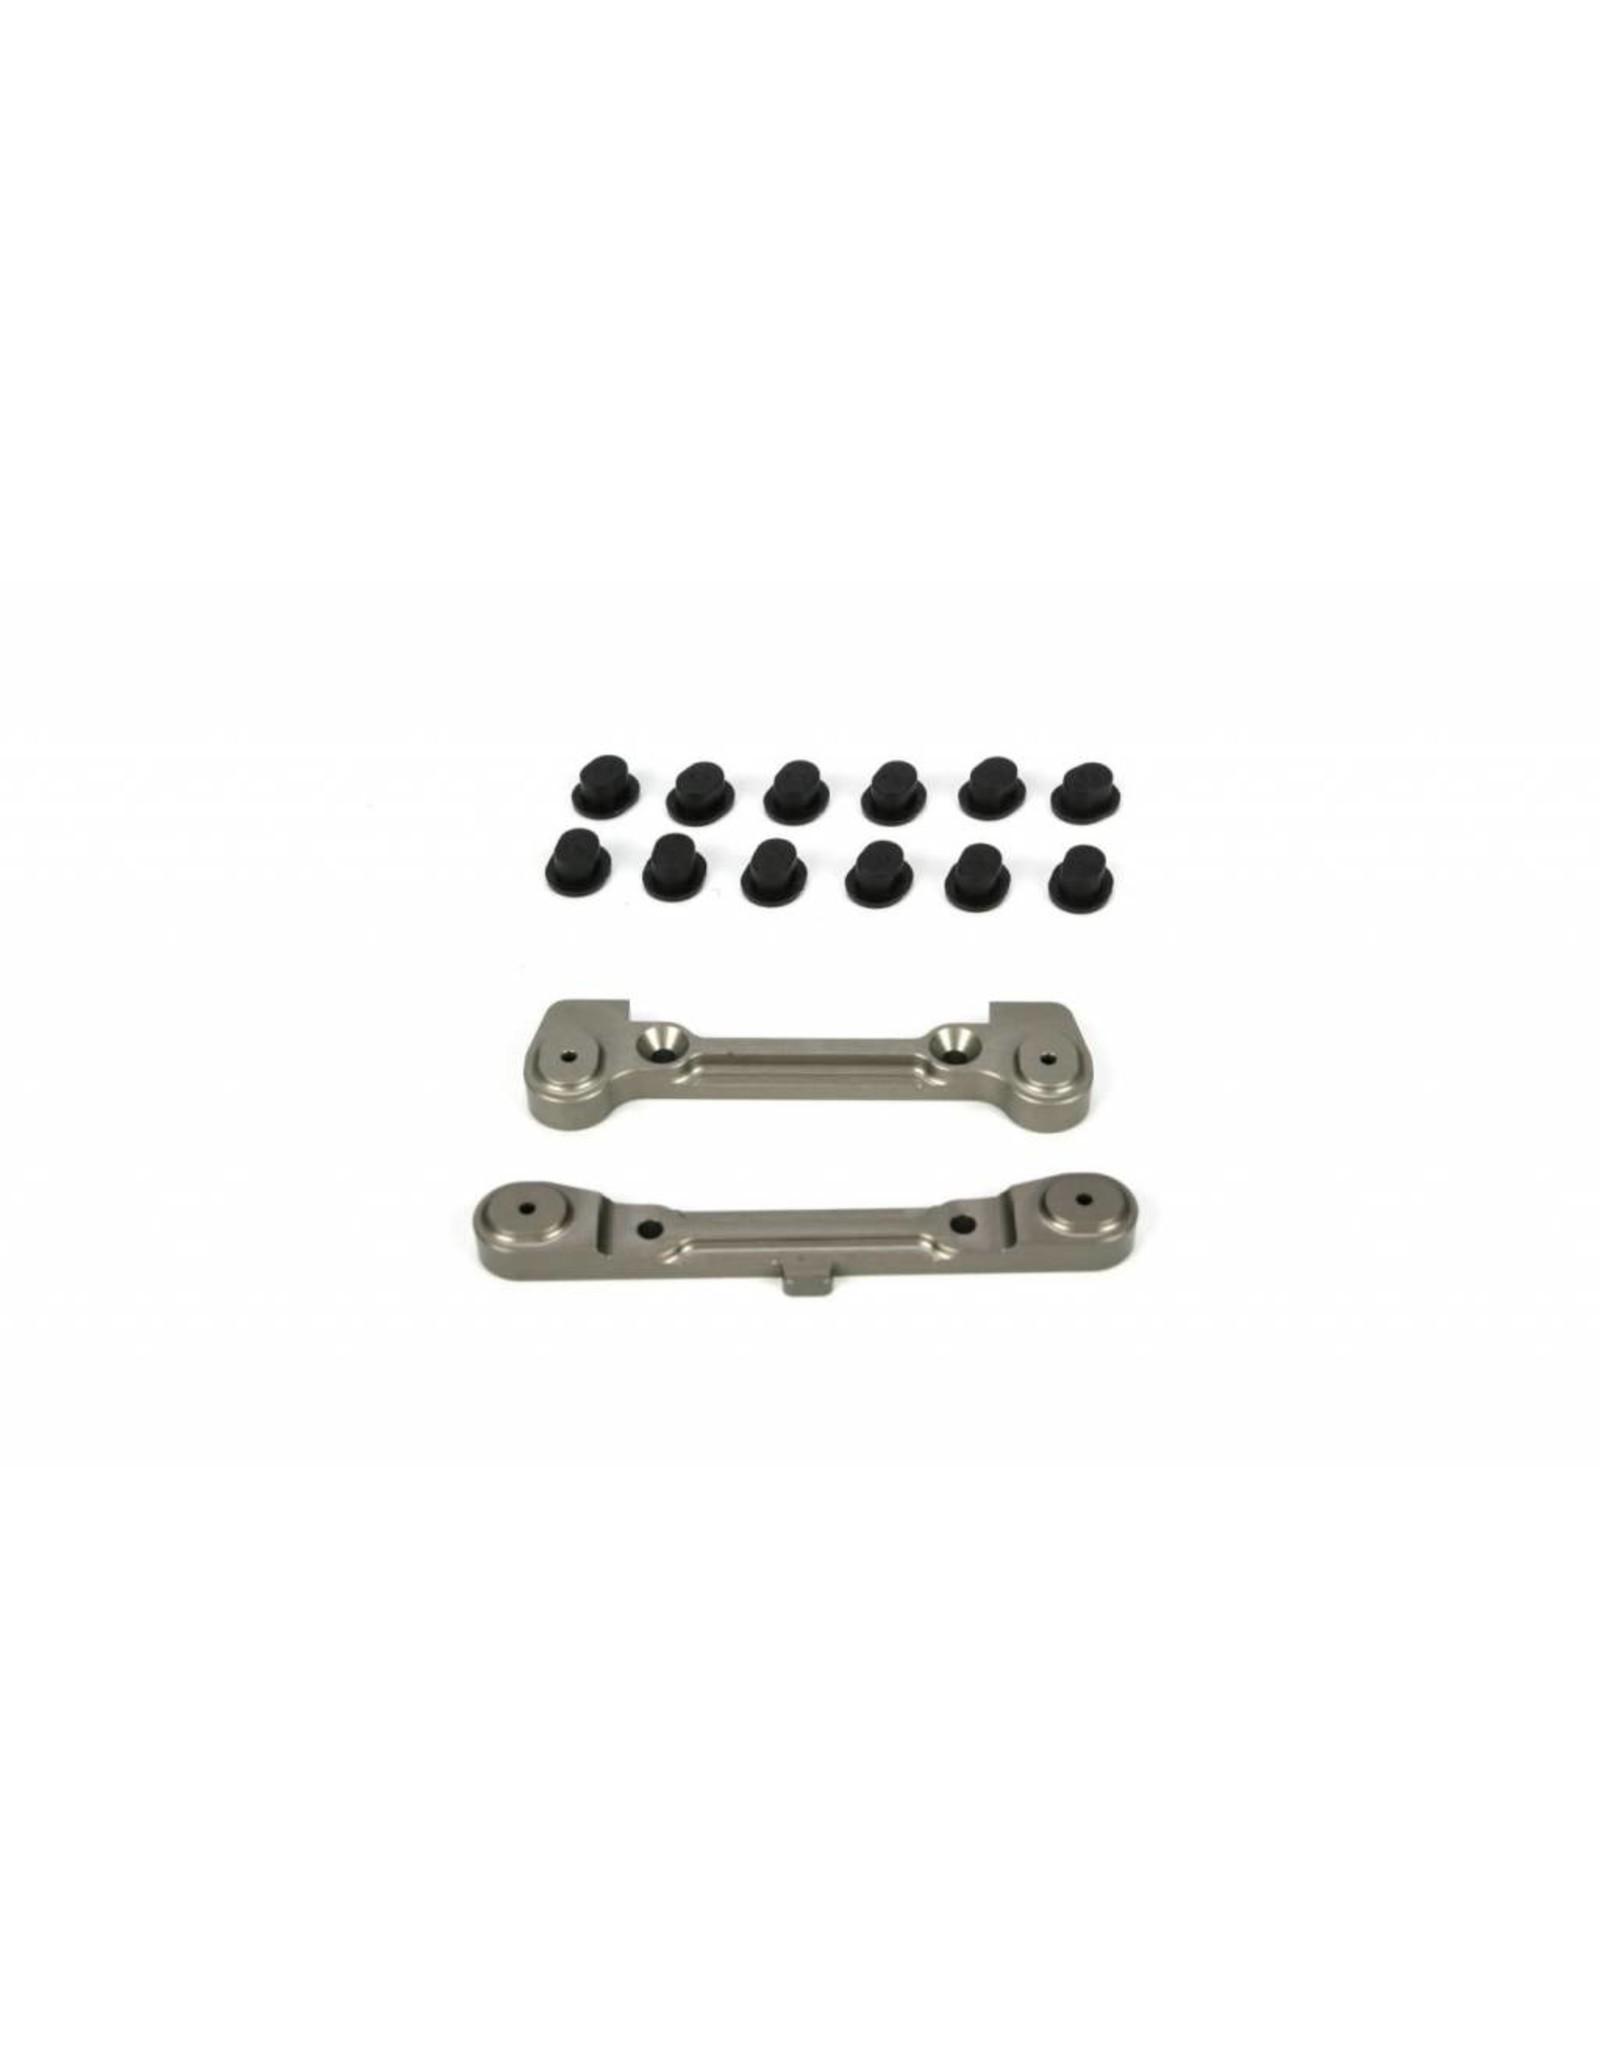 Losi Adjustable Rear Hinge Pin Holder Set: TEN